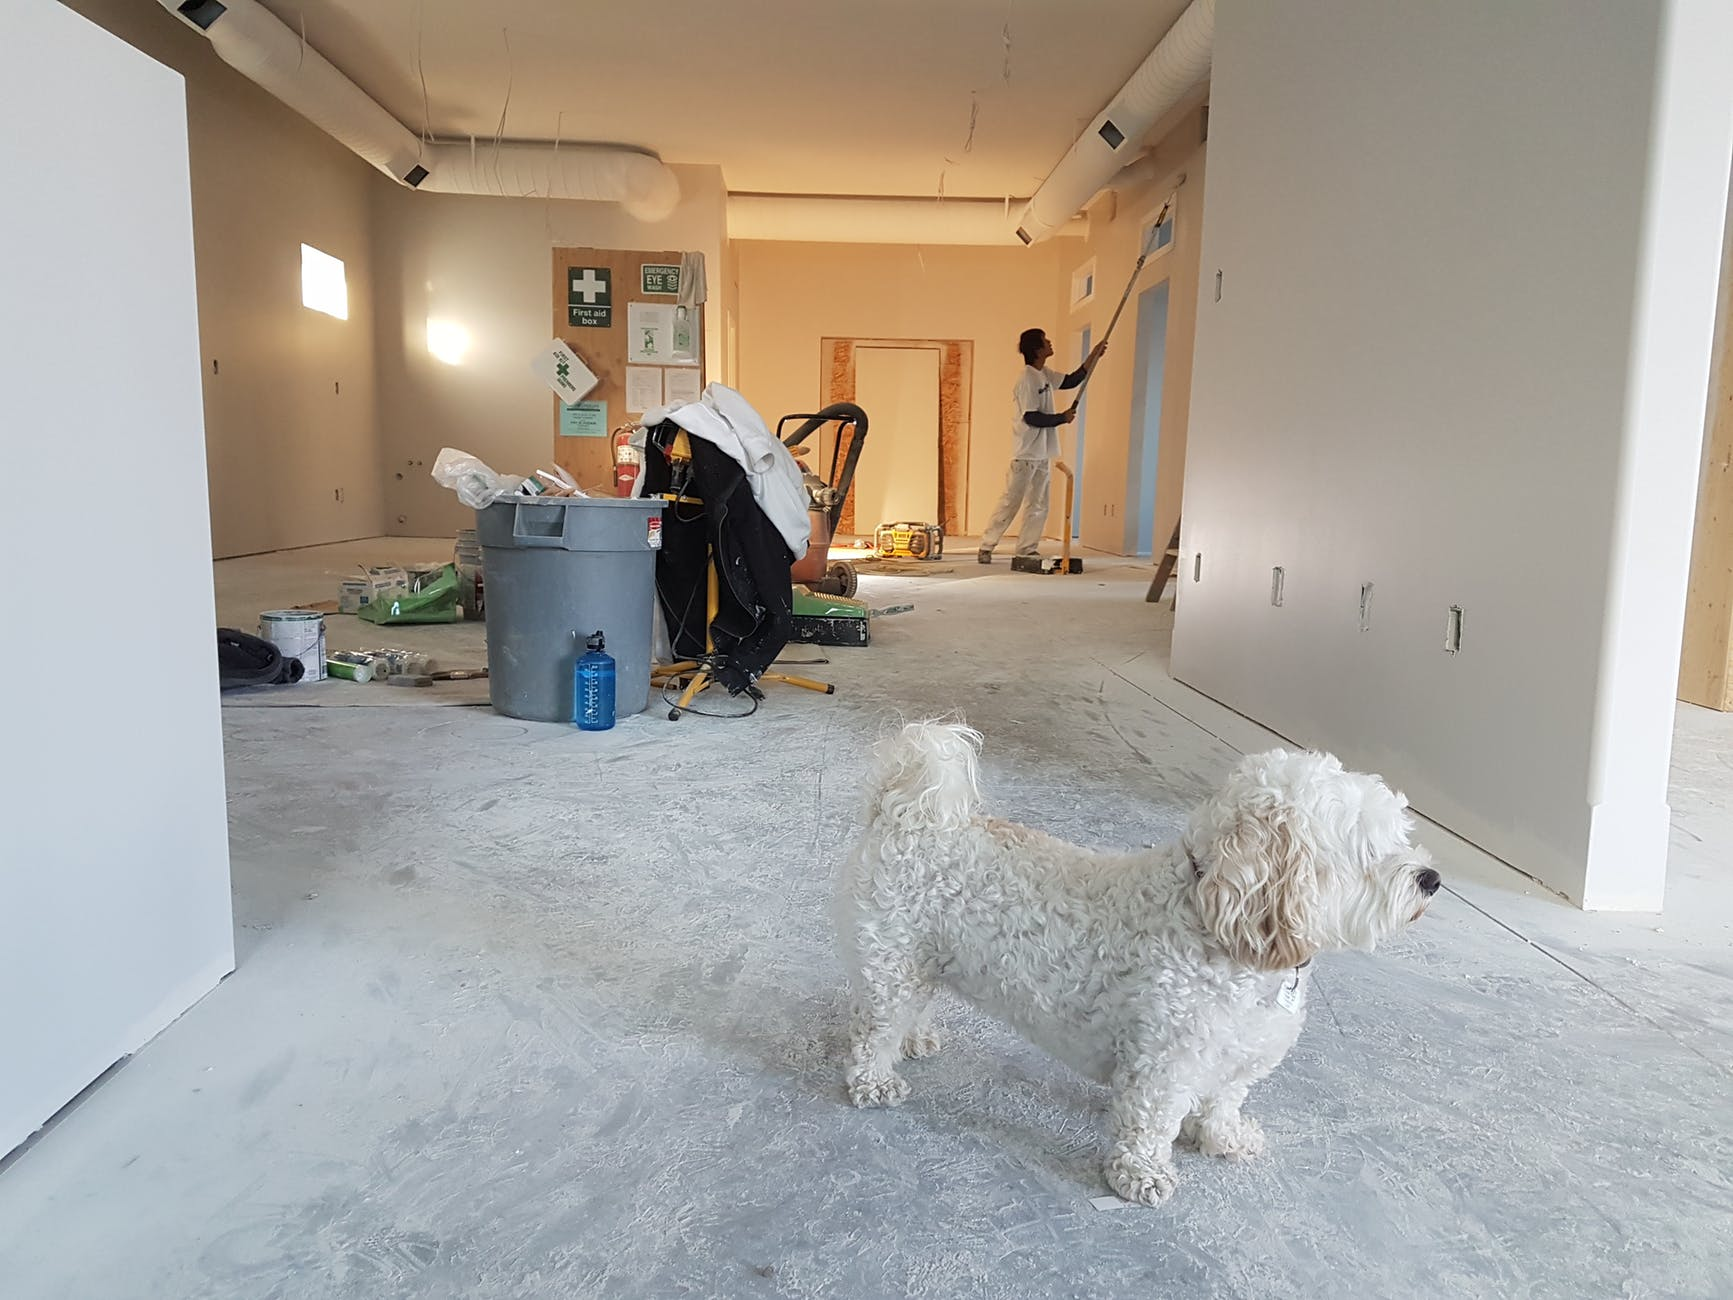 """iBuyer, co-working e co-living são alternativas que crescem de importância no segmento. Foto por Cal David em <a href=""""https://www.pexels.com/photo/close-up-photography-of-white-poodle-735319/"""" rel=""""nofollow"""">Pexels.com</a>"""